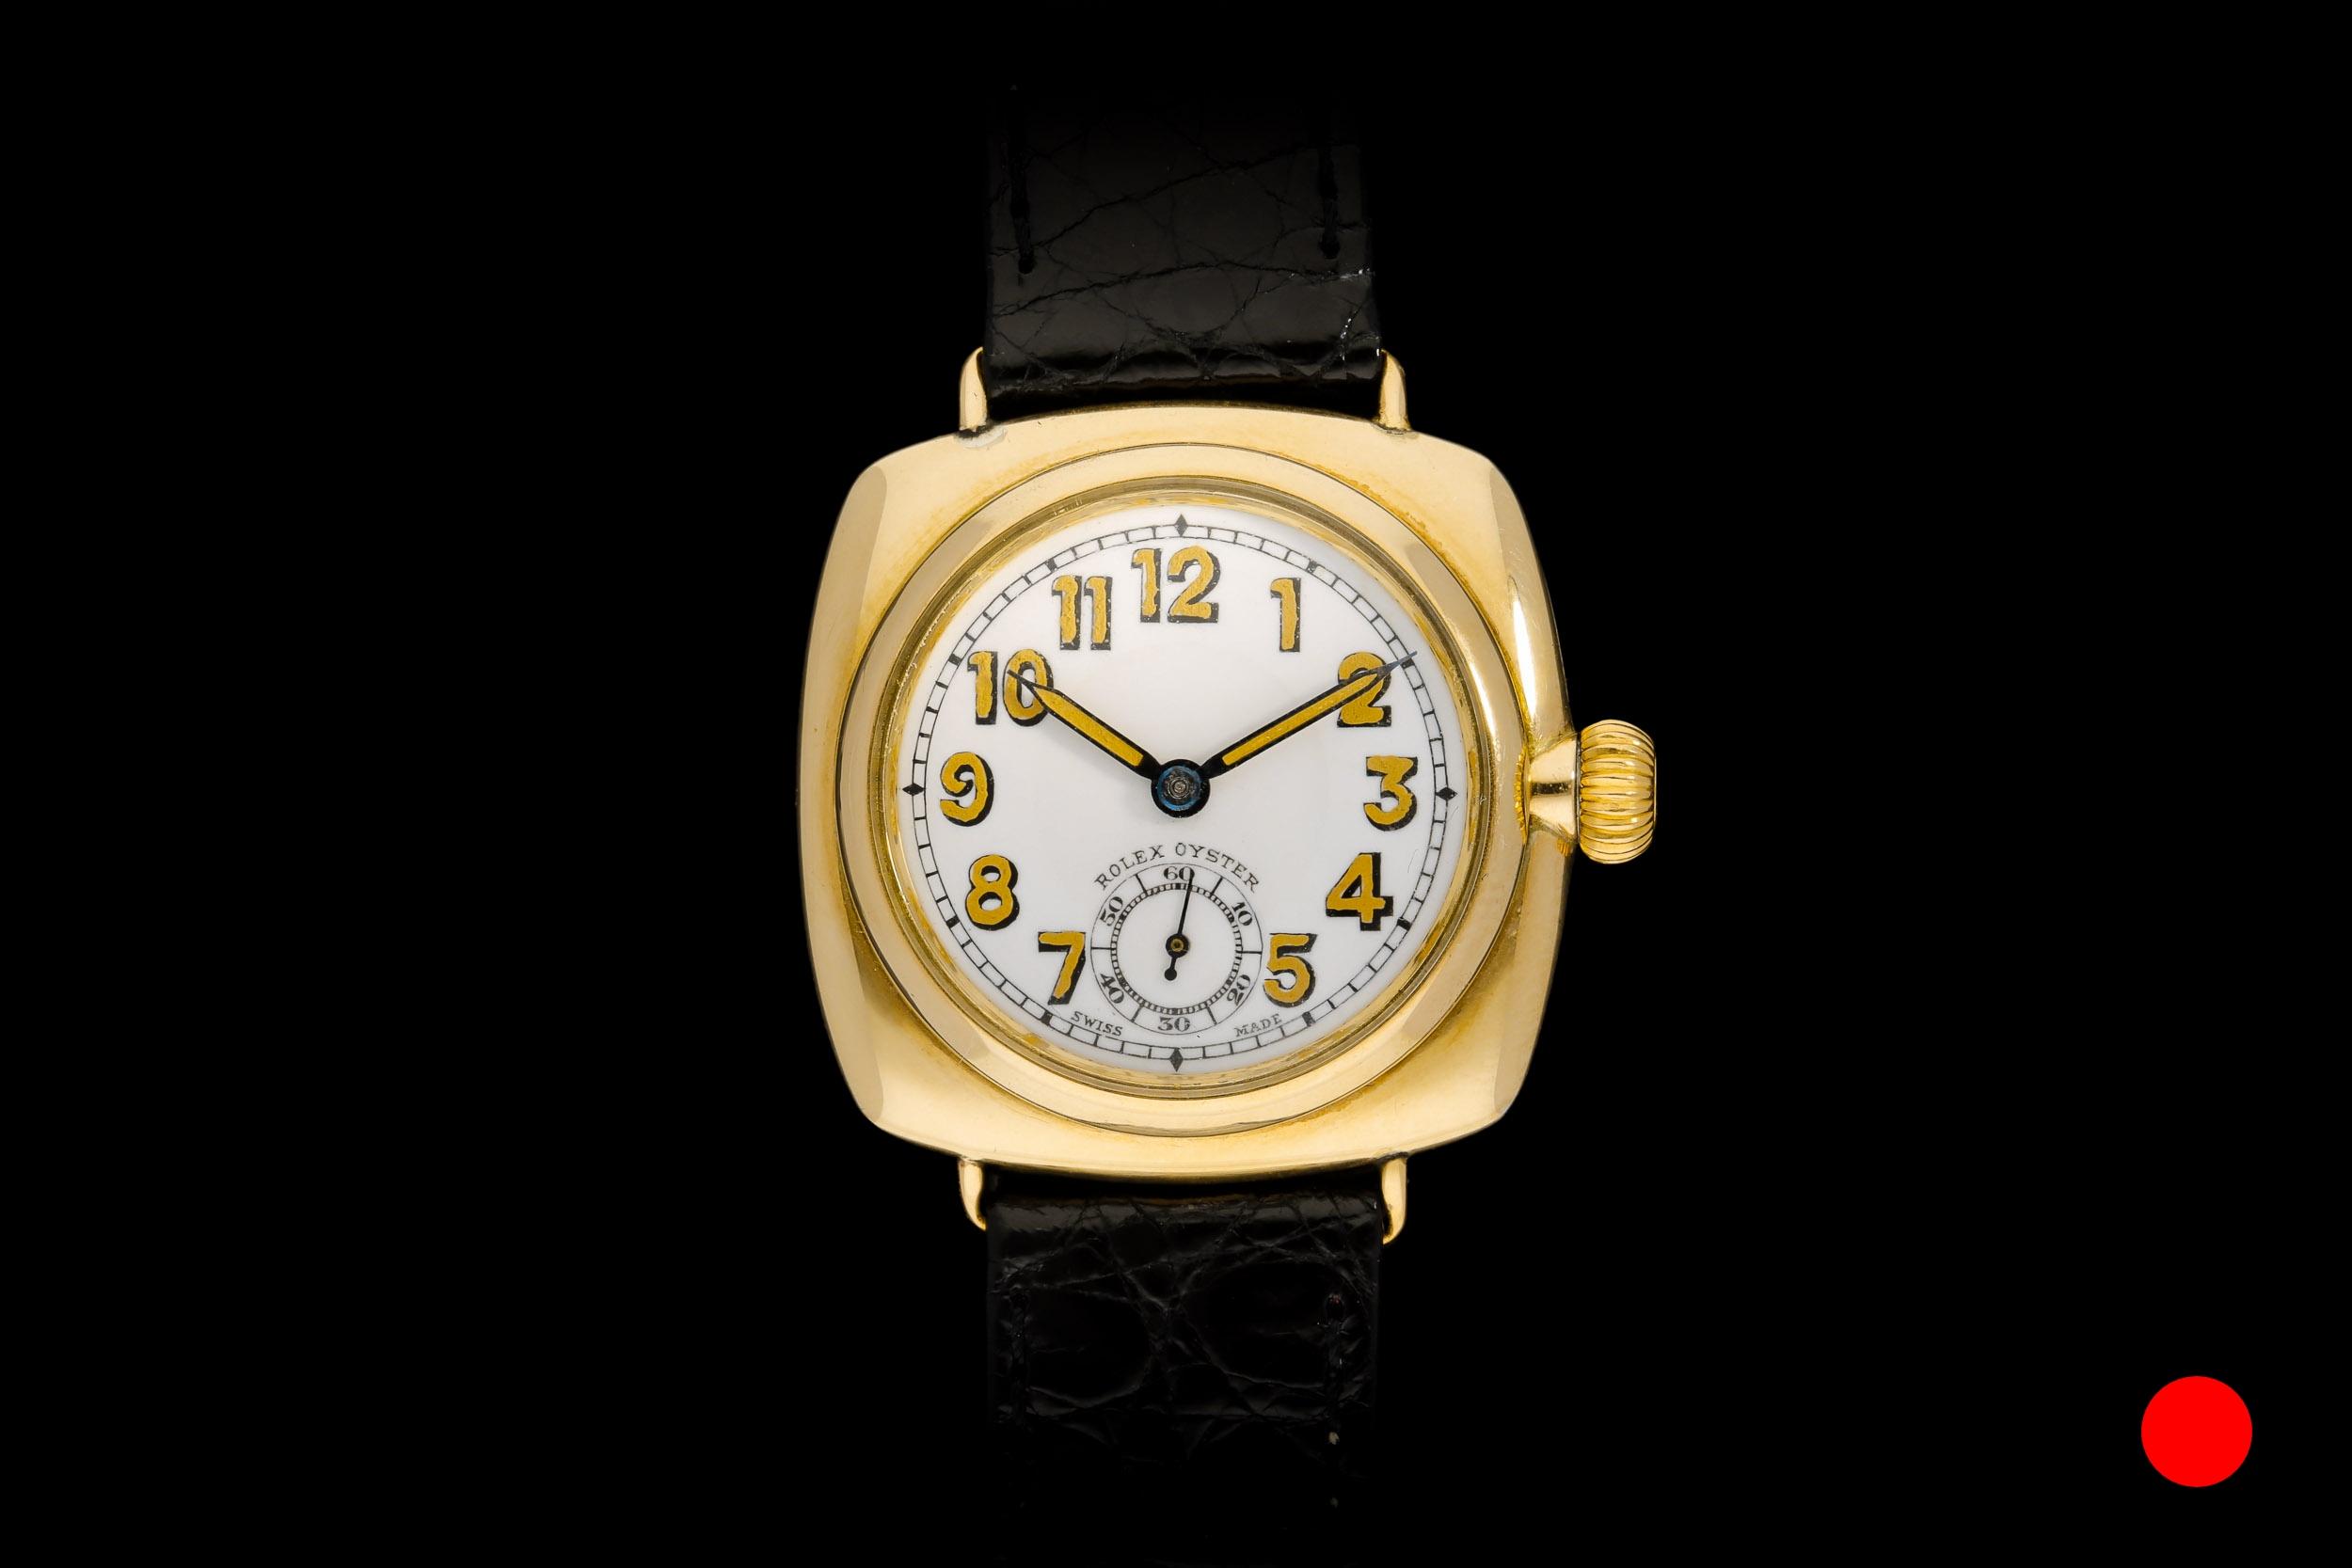 A 1934 9ct Cushion Oyster Rolex watch | £6550